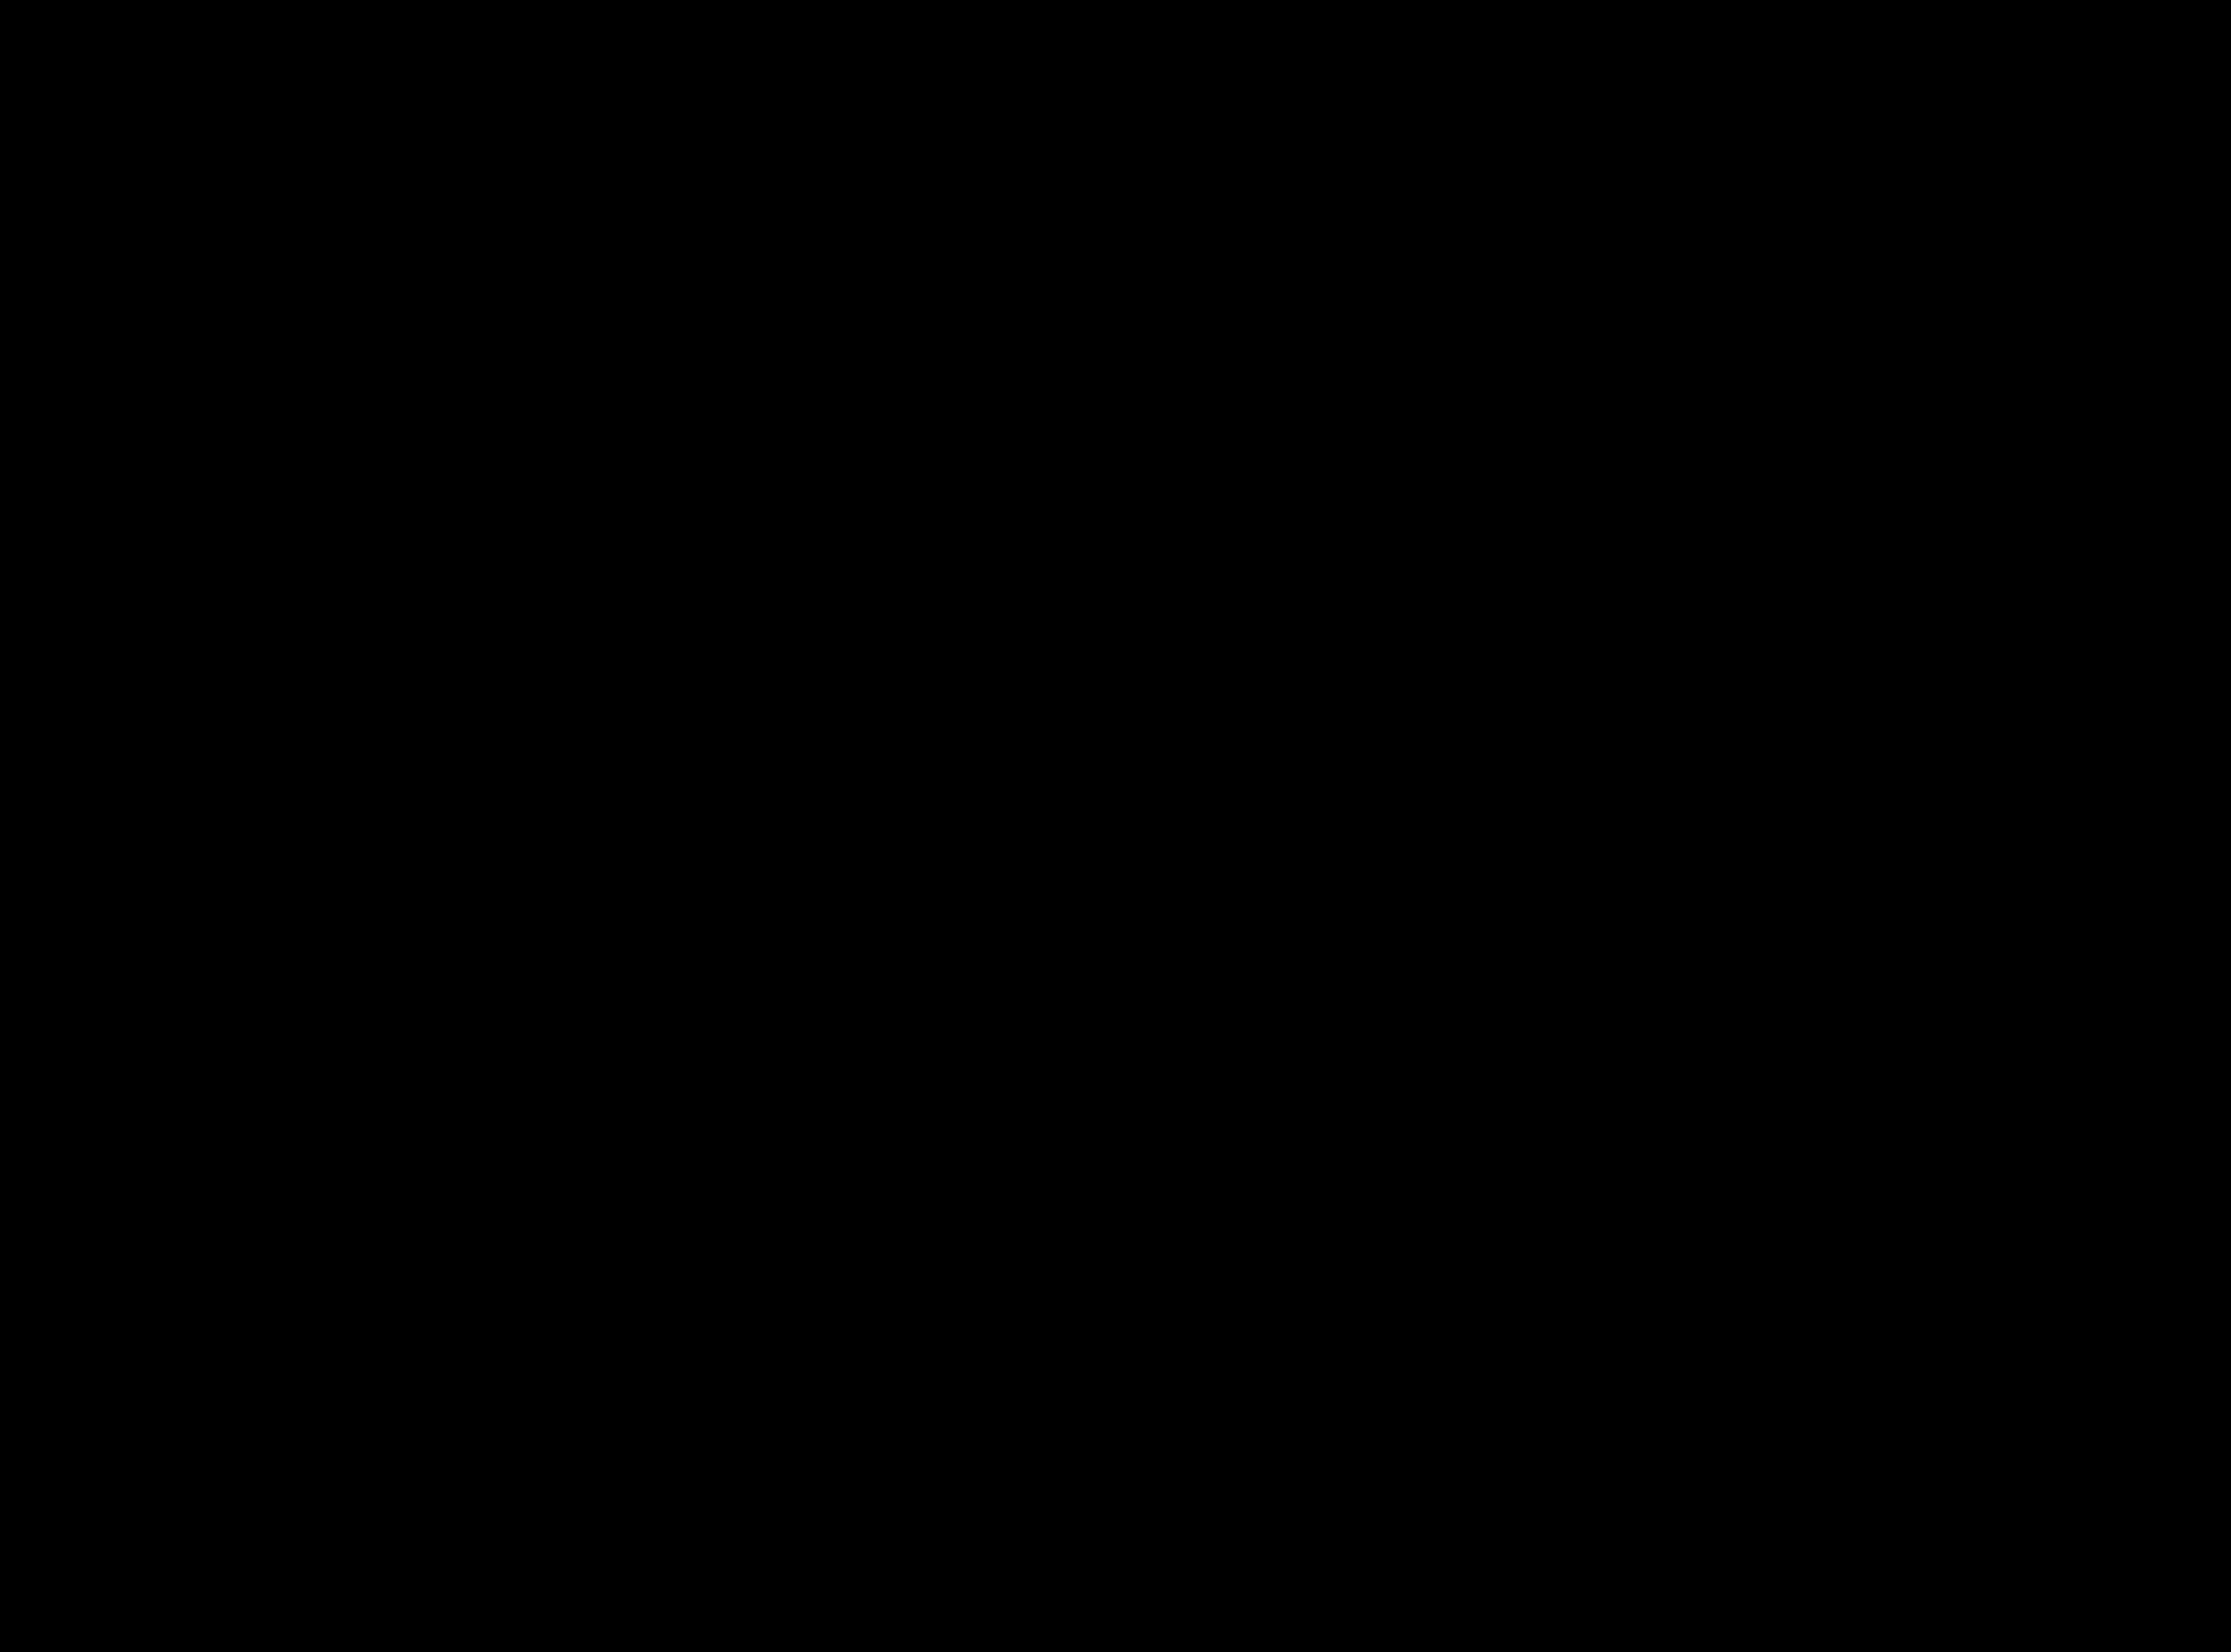 Смотреть нежный эротический массаж, Порно массаж онлайн бесплатно в хорошем качестве 14 фотография